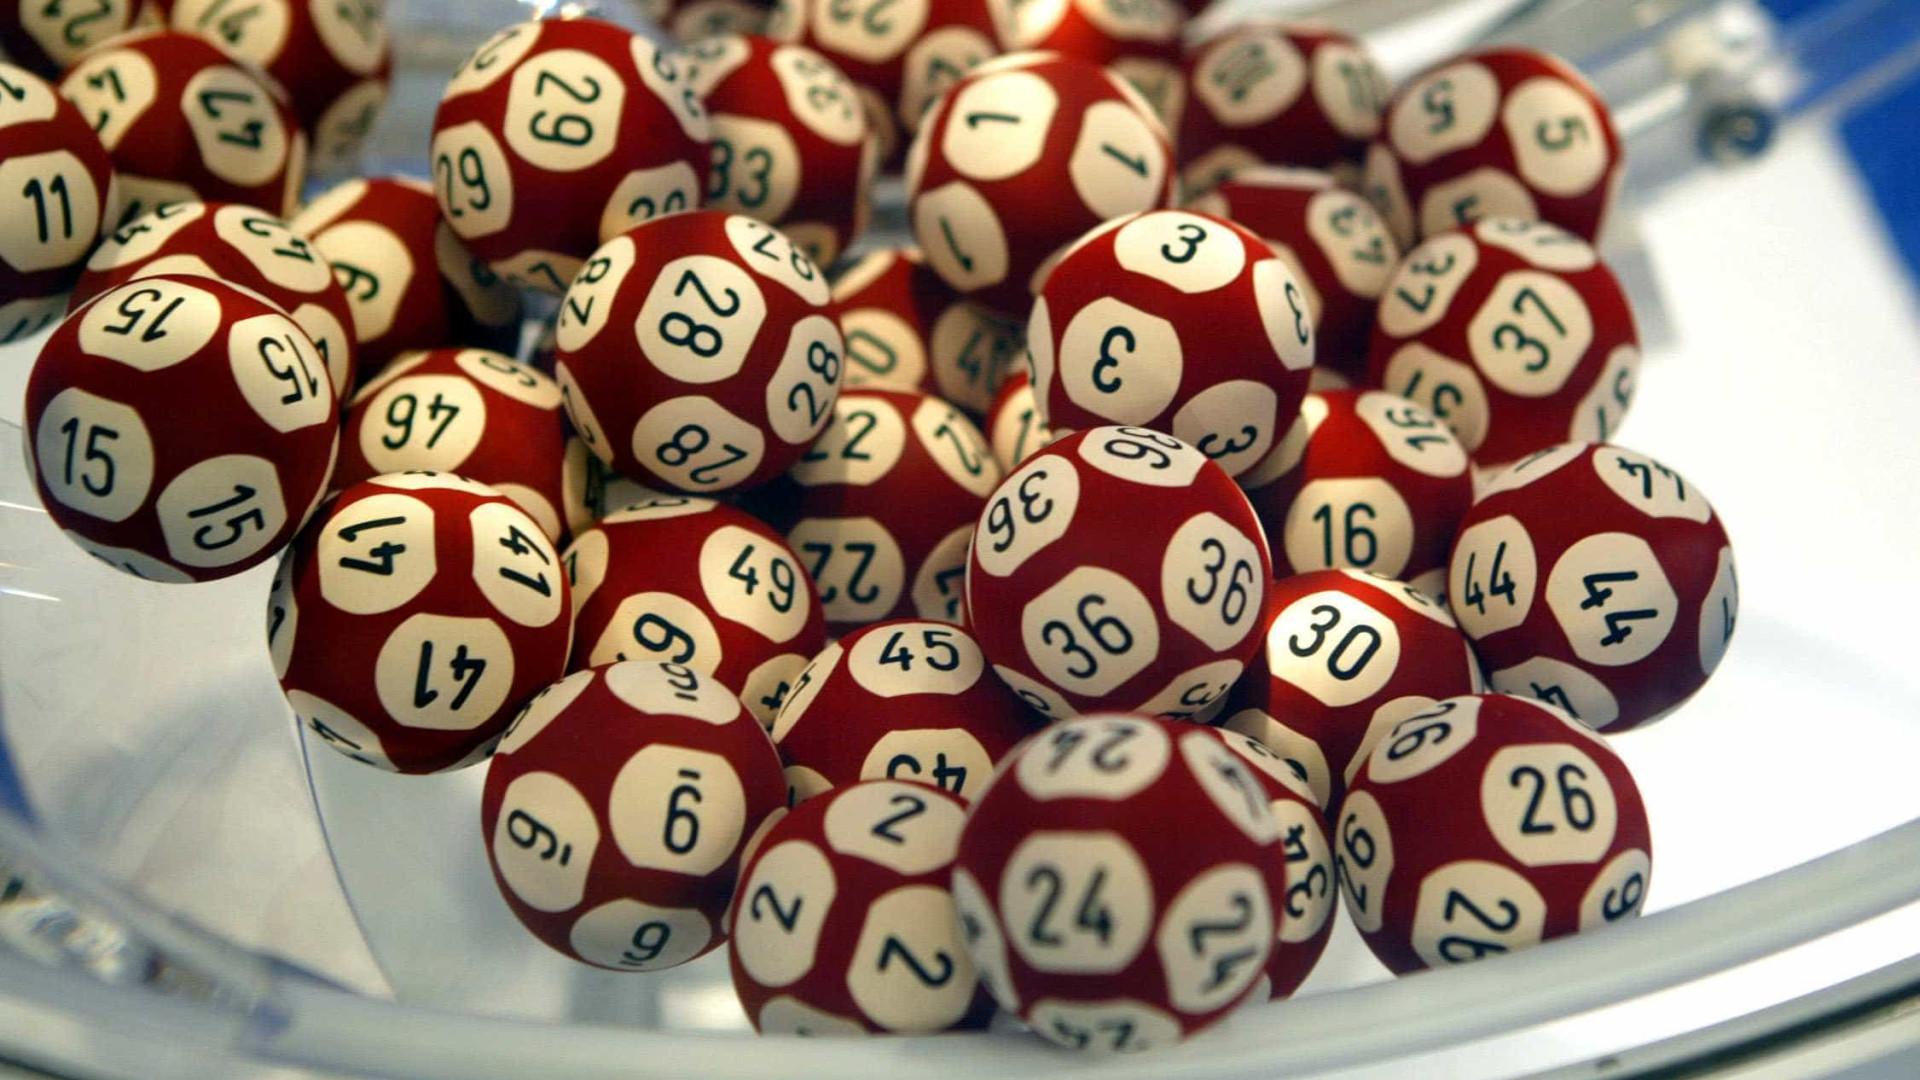 Eis a chave do Euromilhões. É o seu dia de sorte?